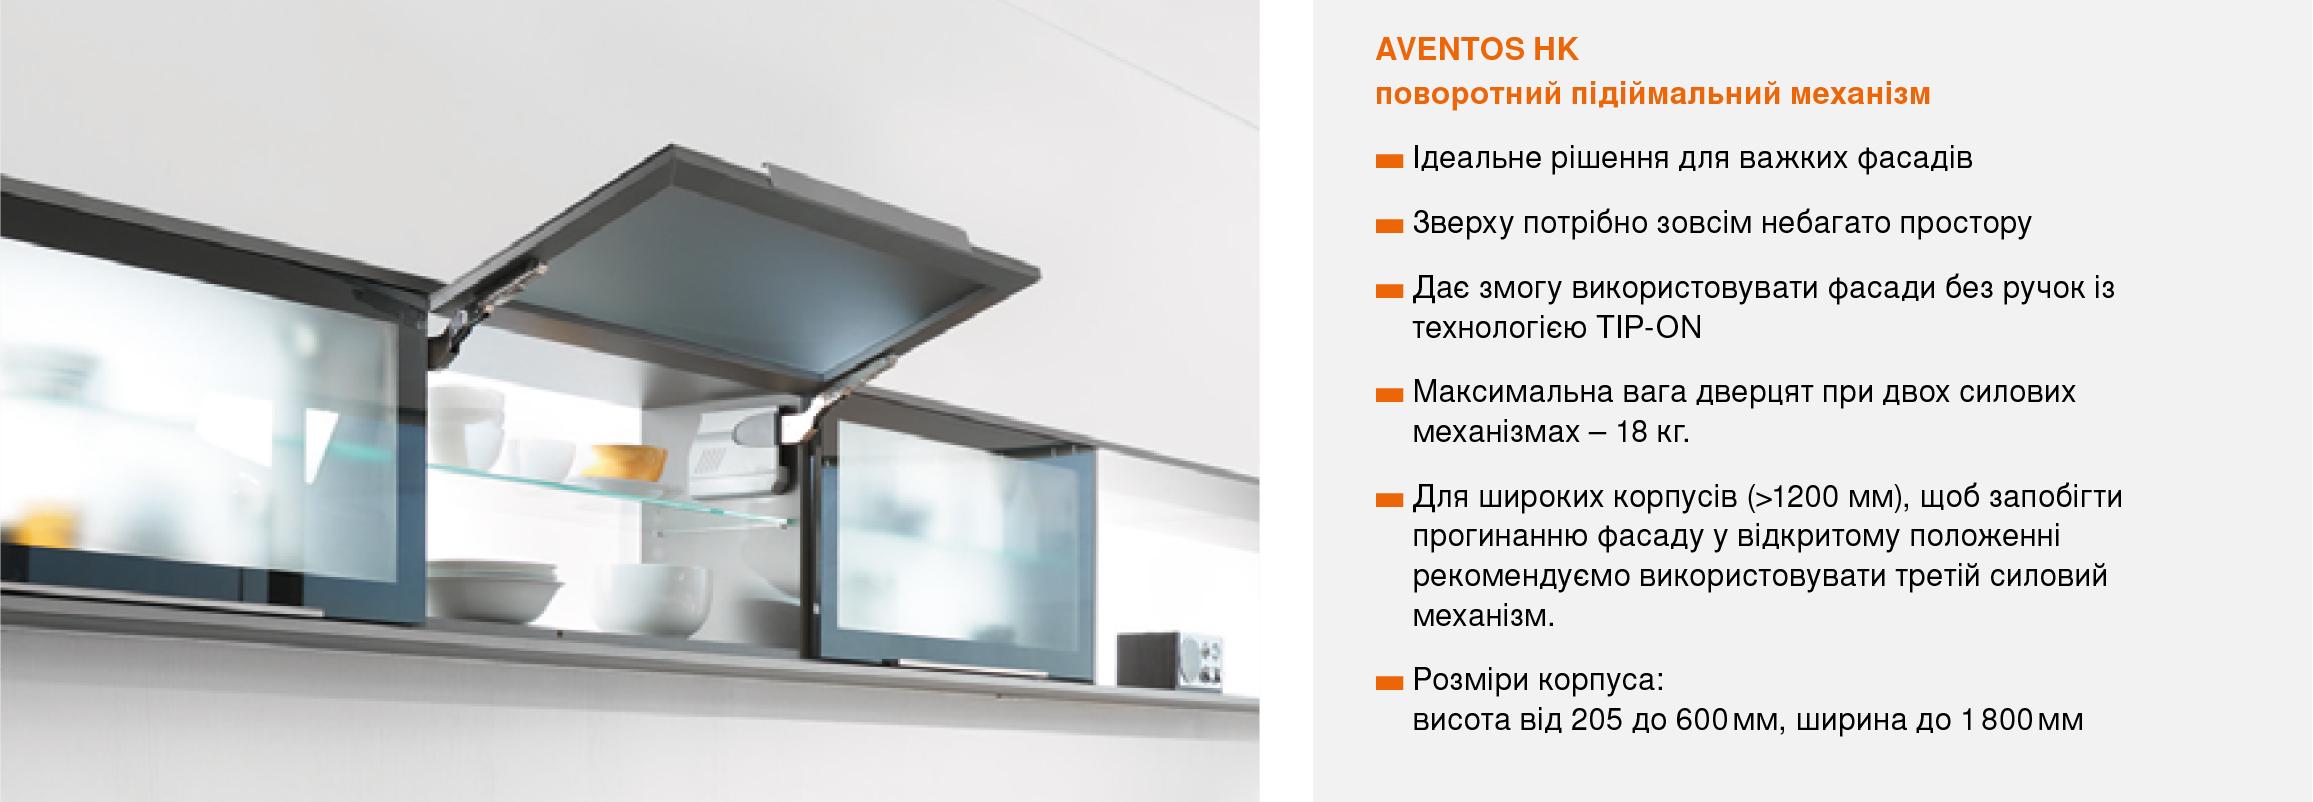 Подъемный механизм AVENTOS HK для кухни Ирпень